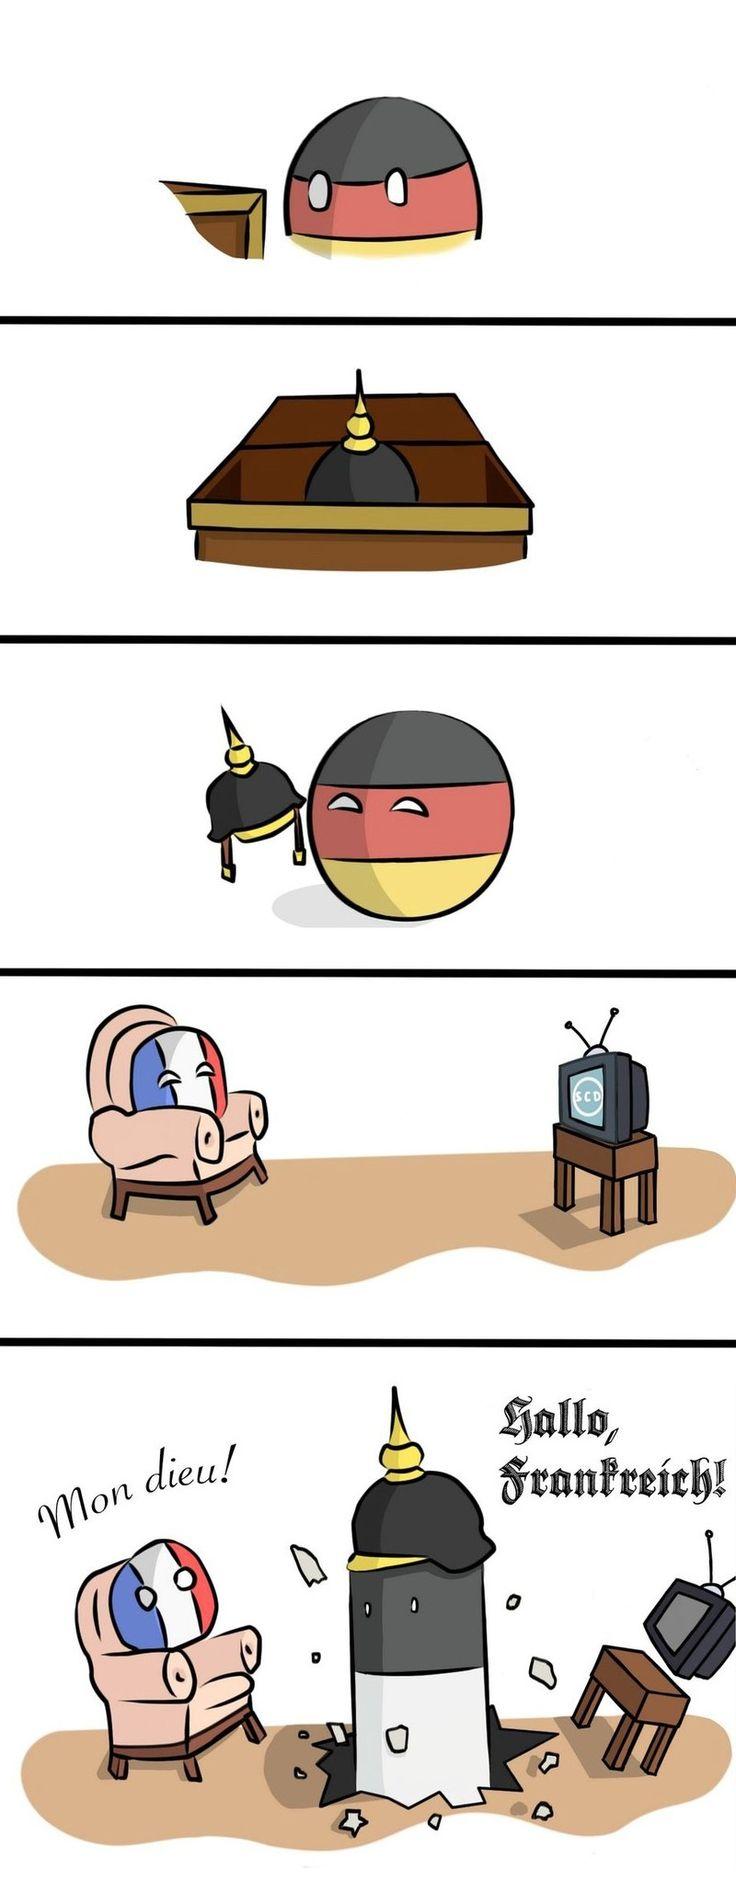 Anschluss zeit!